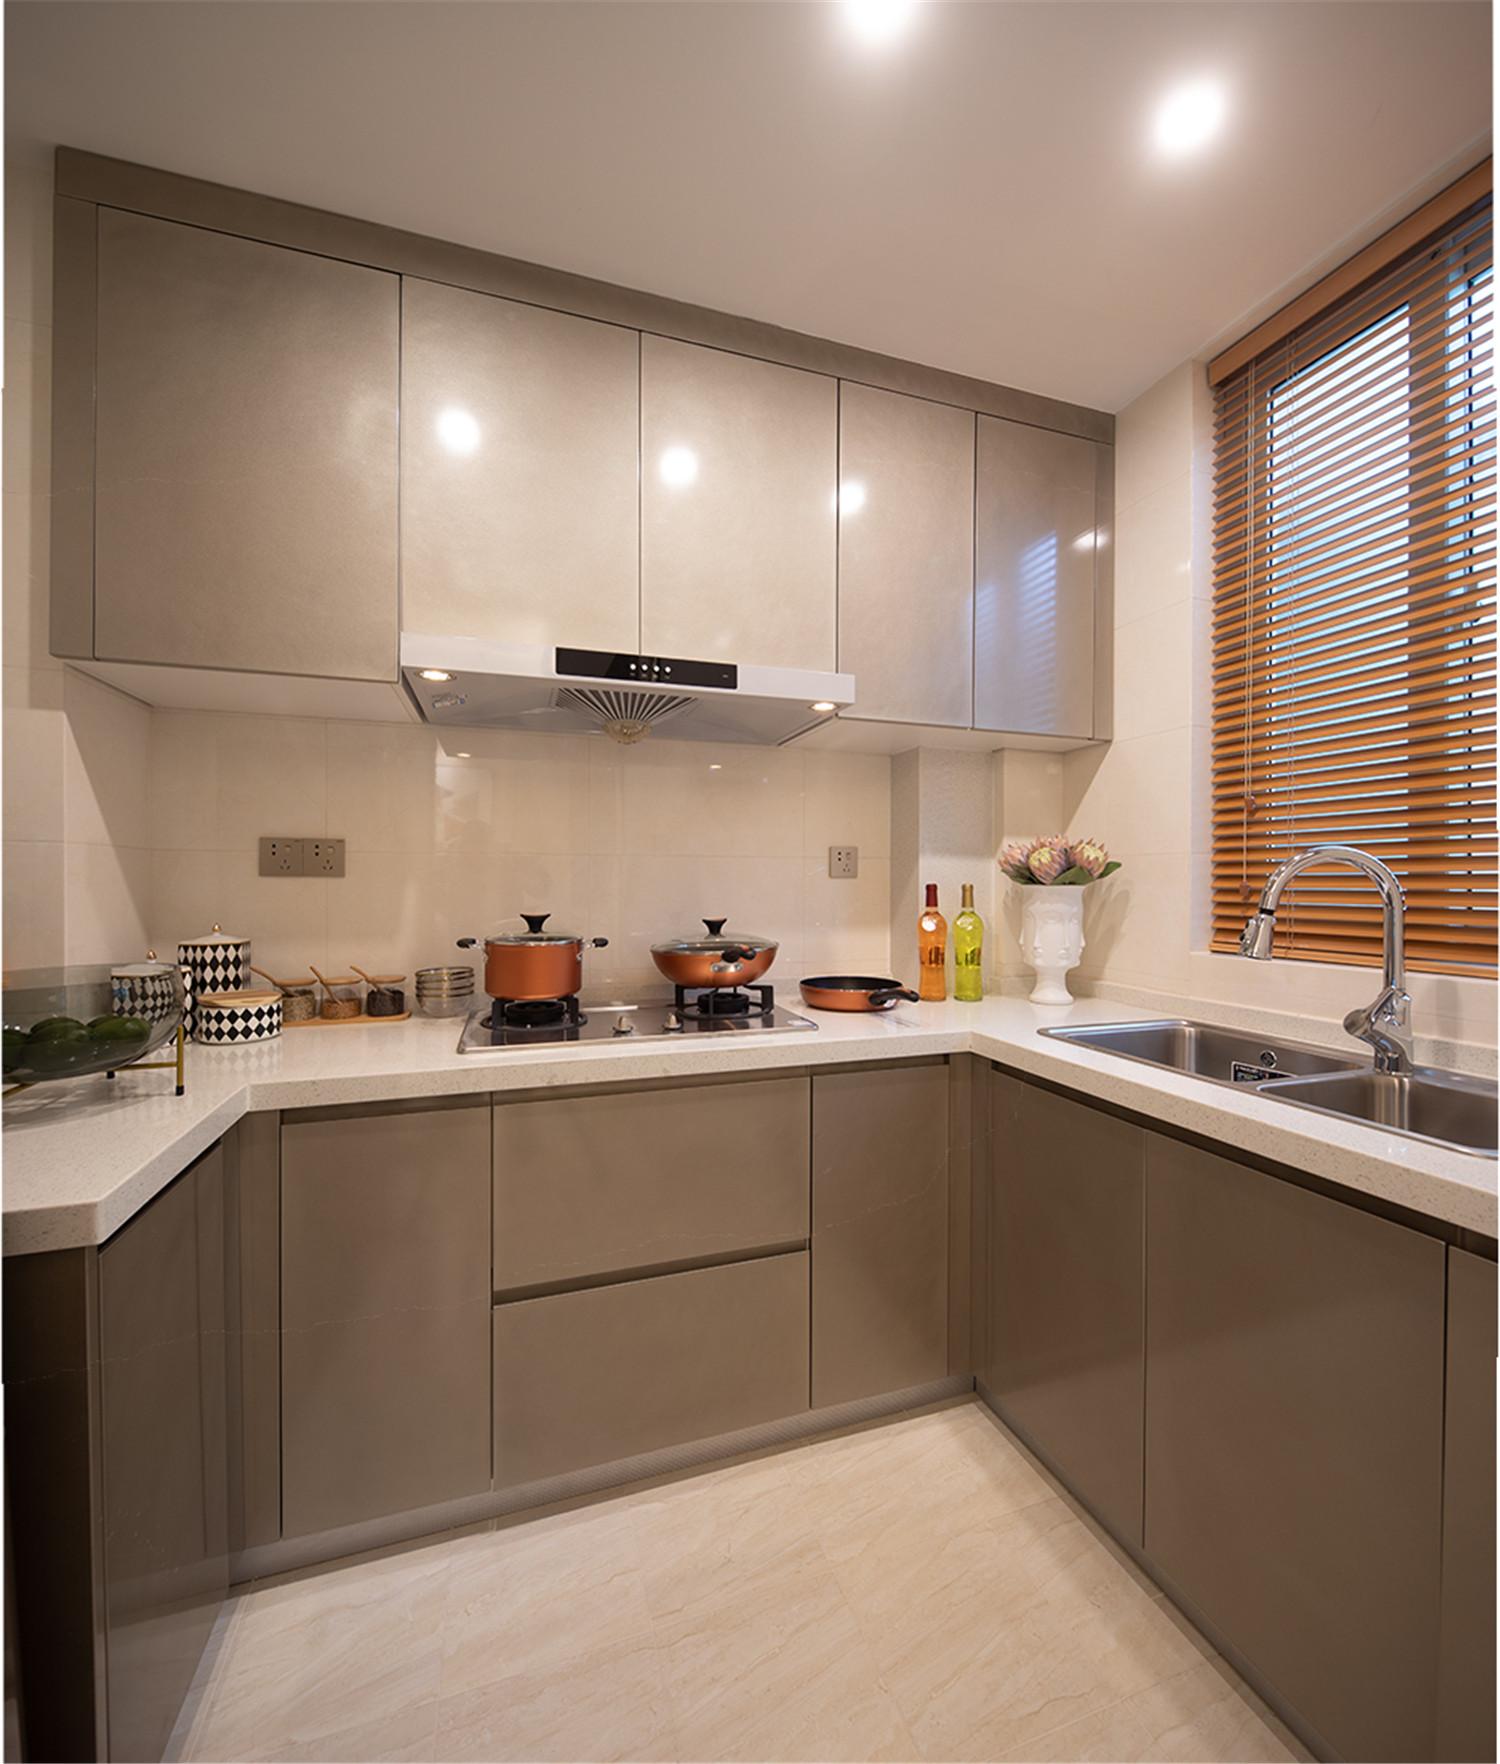 厨房增加了底柜+吊柜超强收纳,金色质感光泽的橱柜搭配白色石英石,再低调中透着奢华。